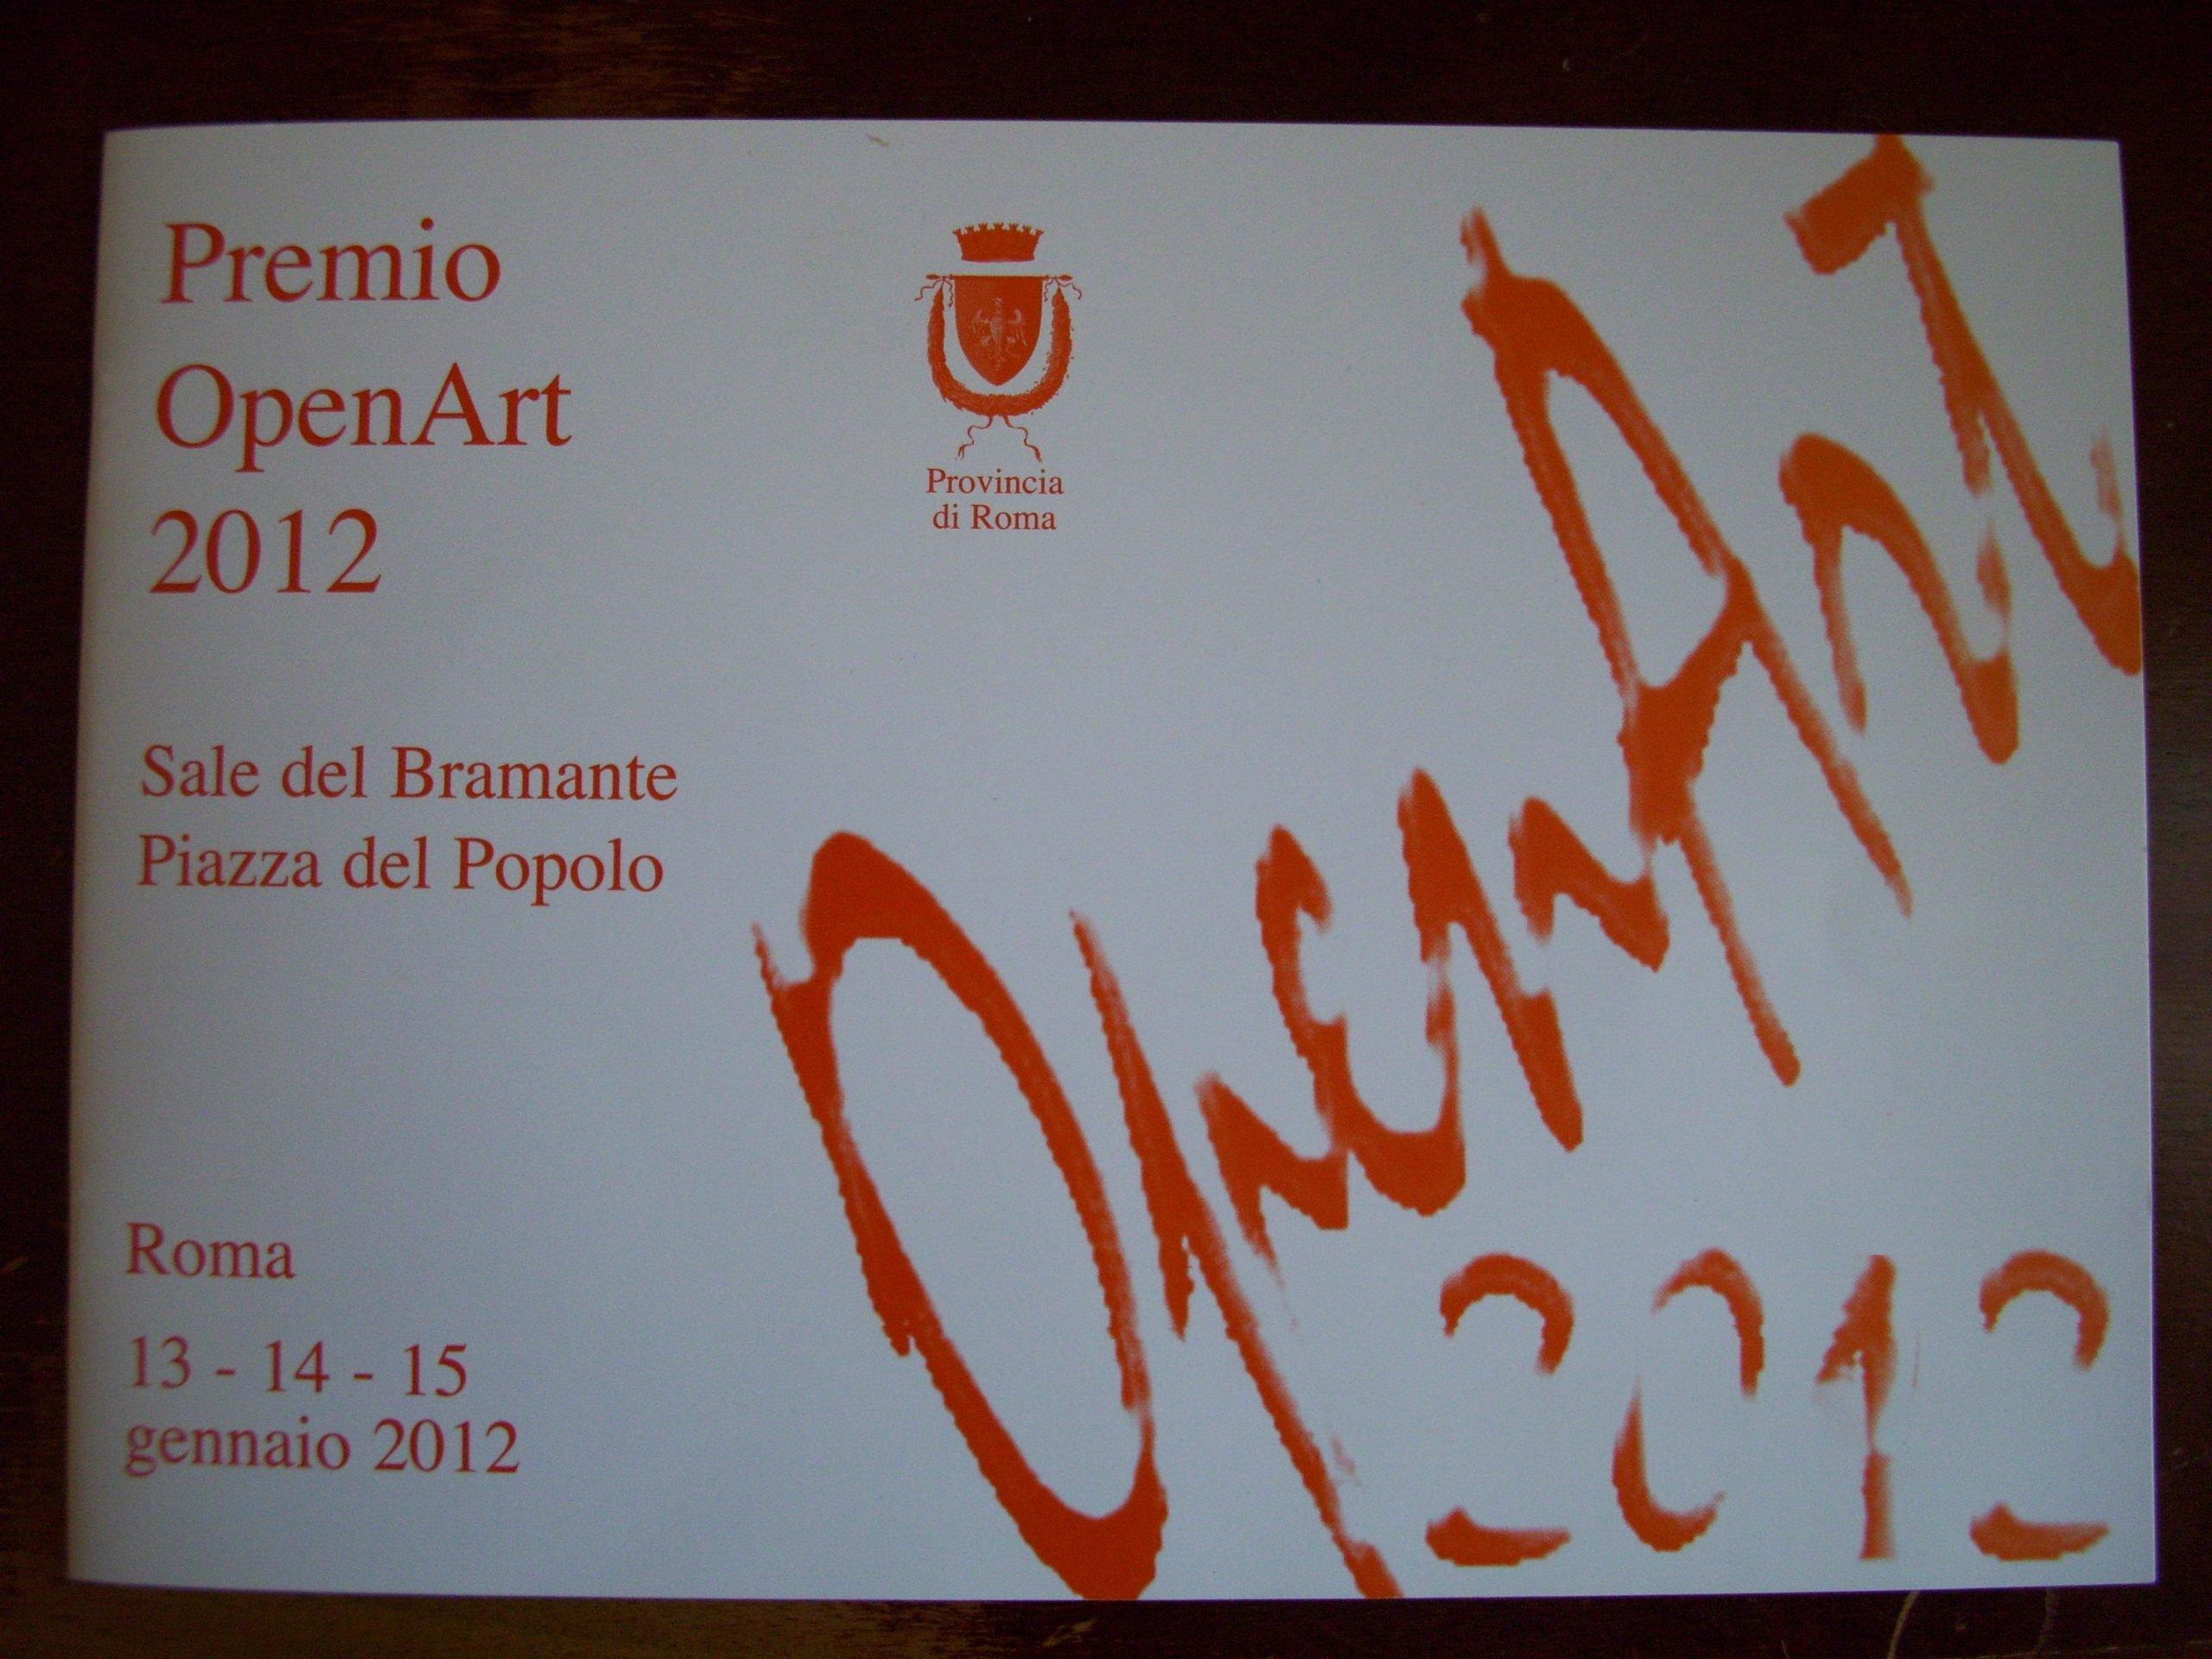 OpenArt 2012